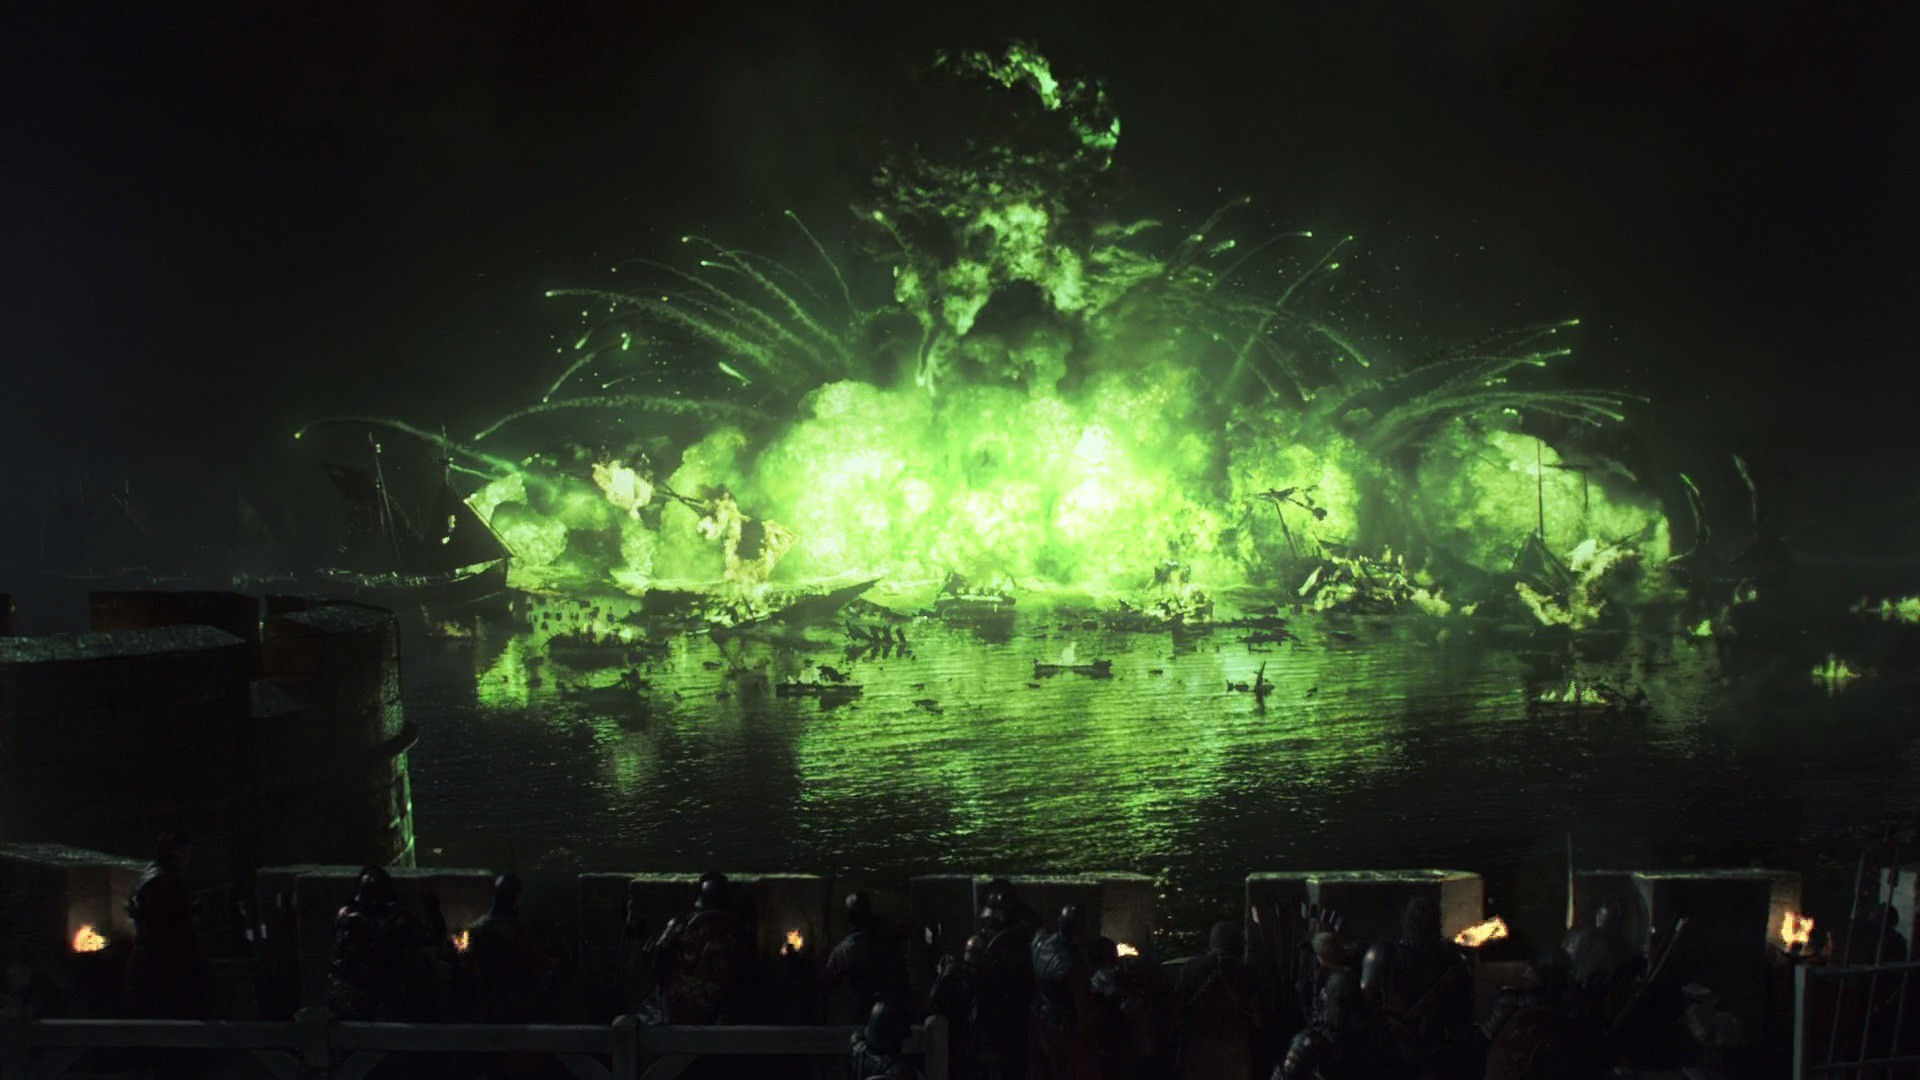 Trước thềm Game of Thrones mùa 8 ra mắt, mau mau ôn lại 8 sự kiện quan trọng! (Phần 1) - Ảnh 8.